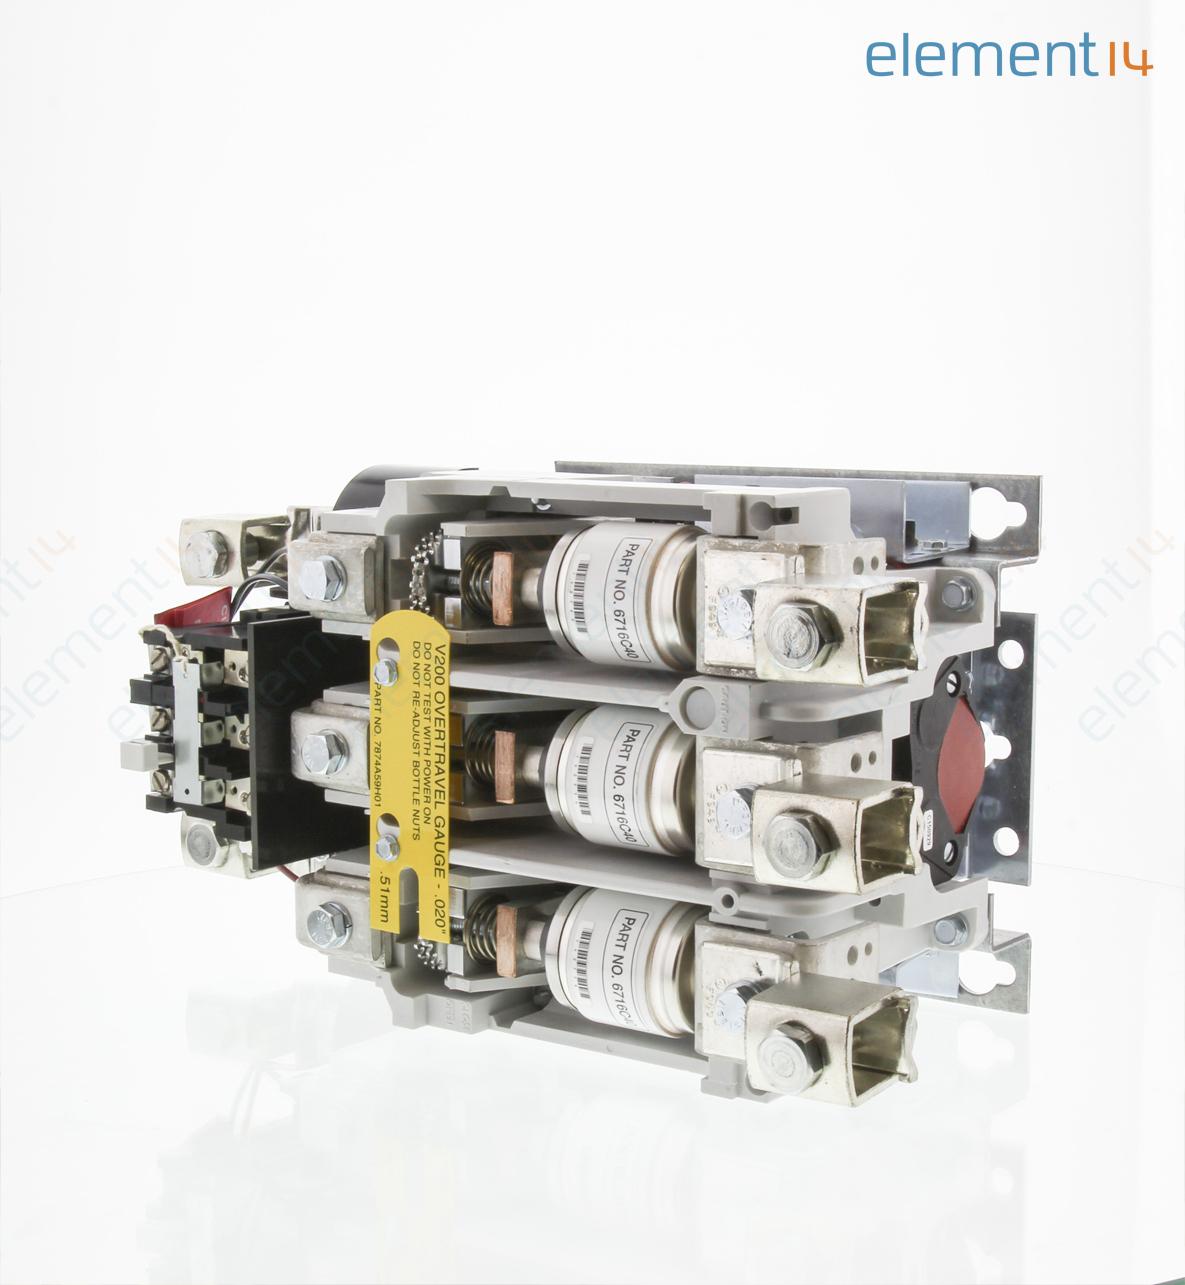 V200m5cjc eaton cutler hammer motor starter 3 phase 75hp for 3 phase motor starter